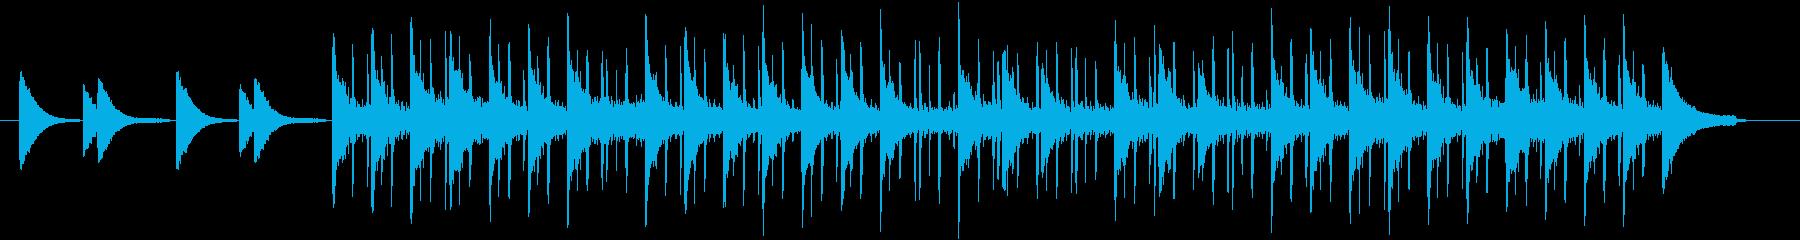 ピアノとベースによる神秘的で切ない曲の再生済みの波形